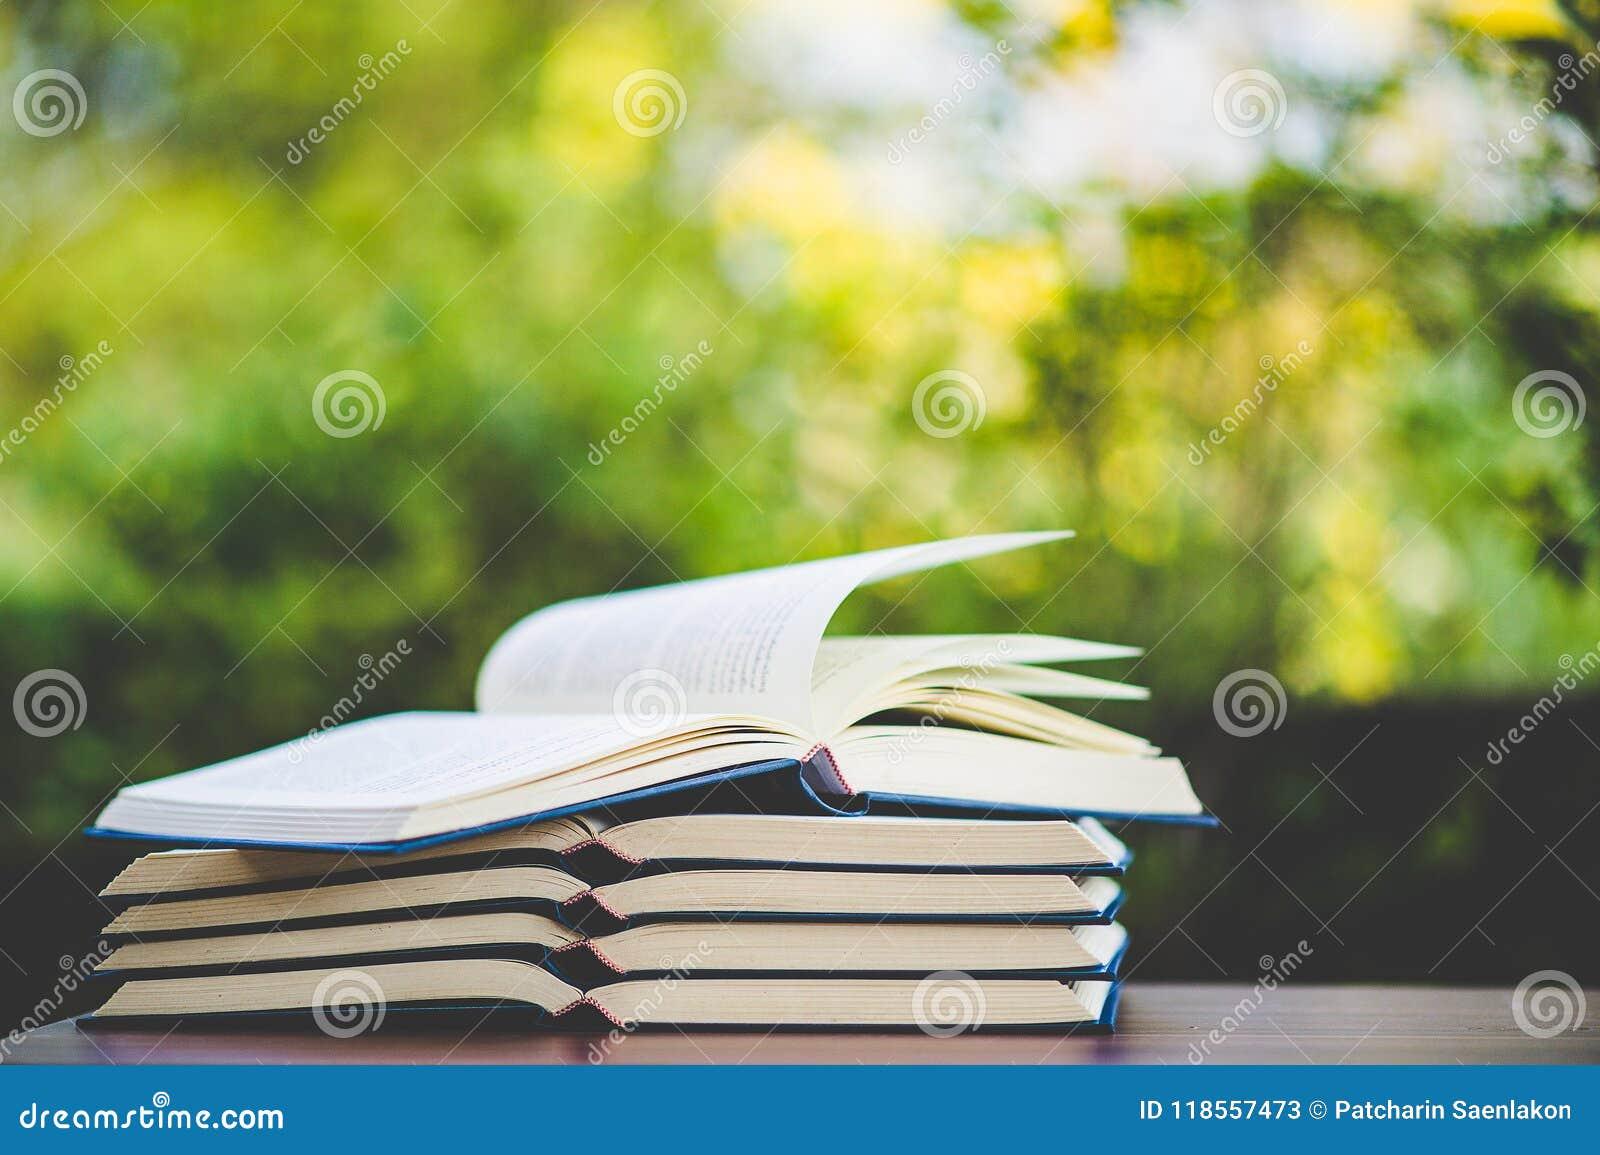 Μελέτη των βιβλίων και των υλικών εκμάθησης